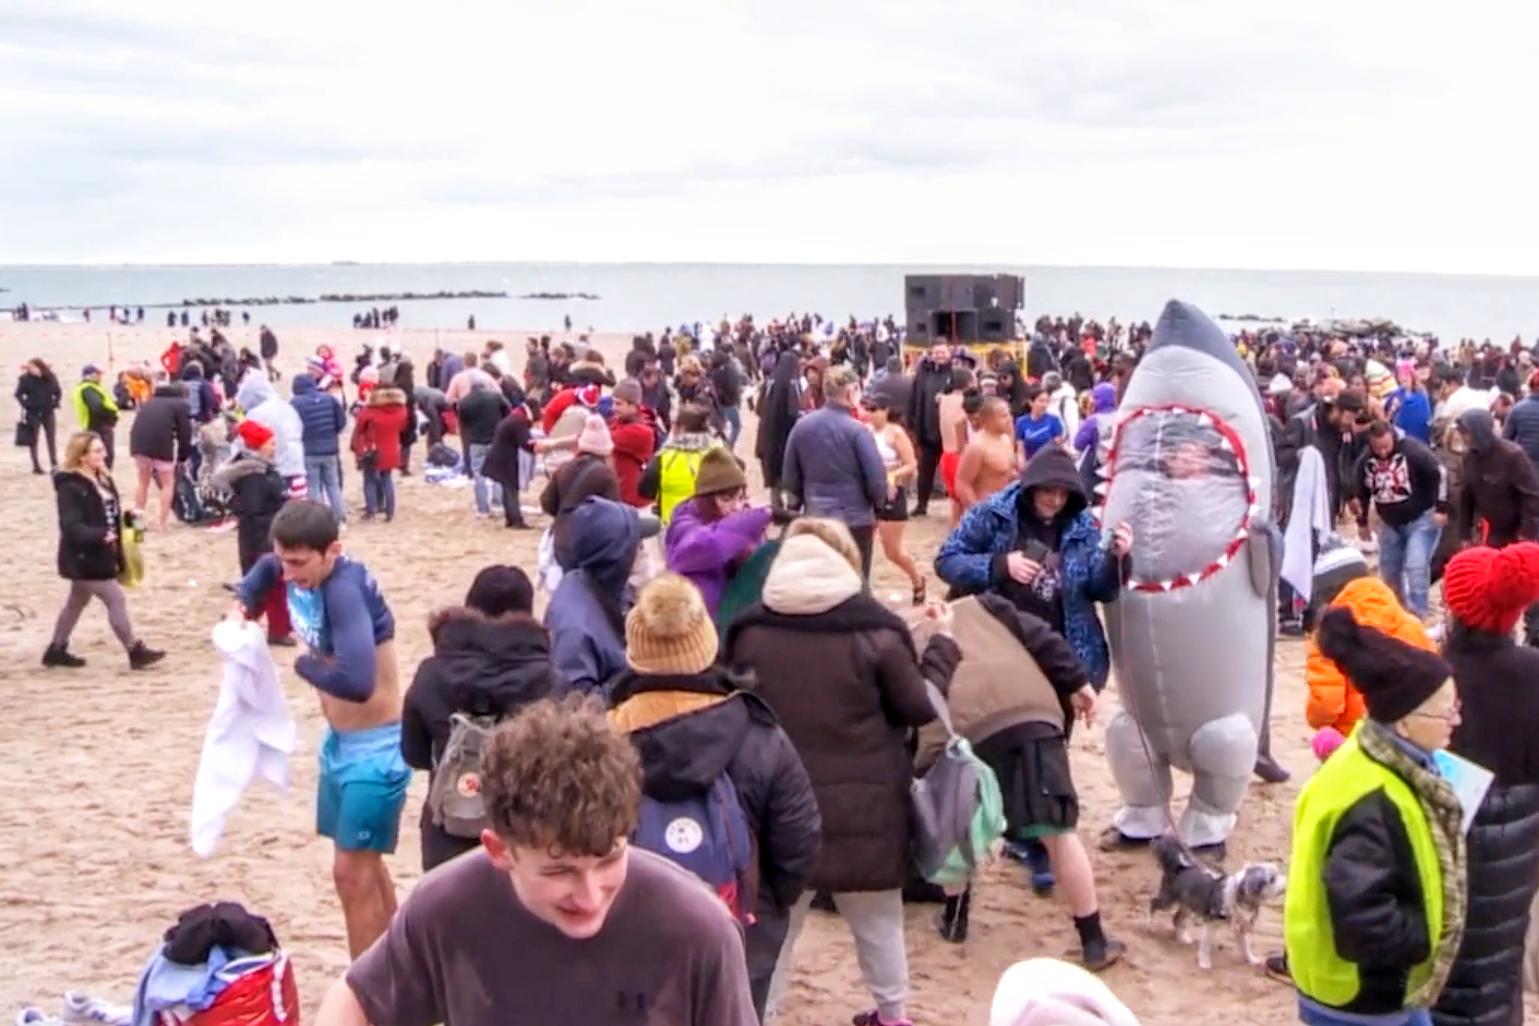 紐約康尼島北極熊俱樂部 元旦冬泳取消